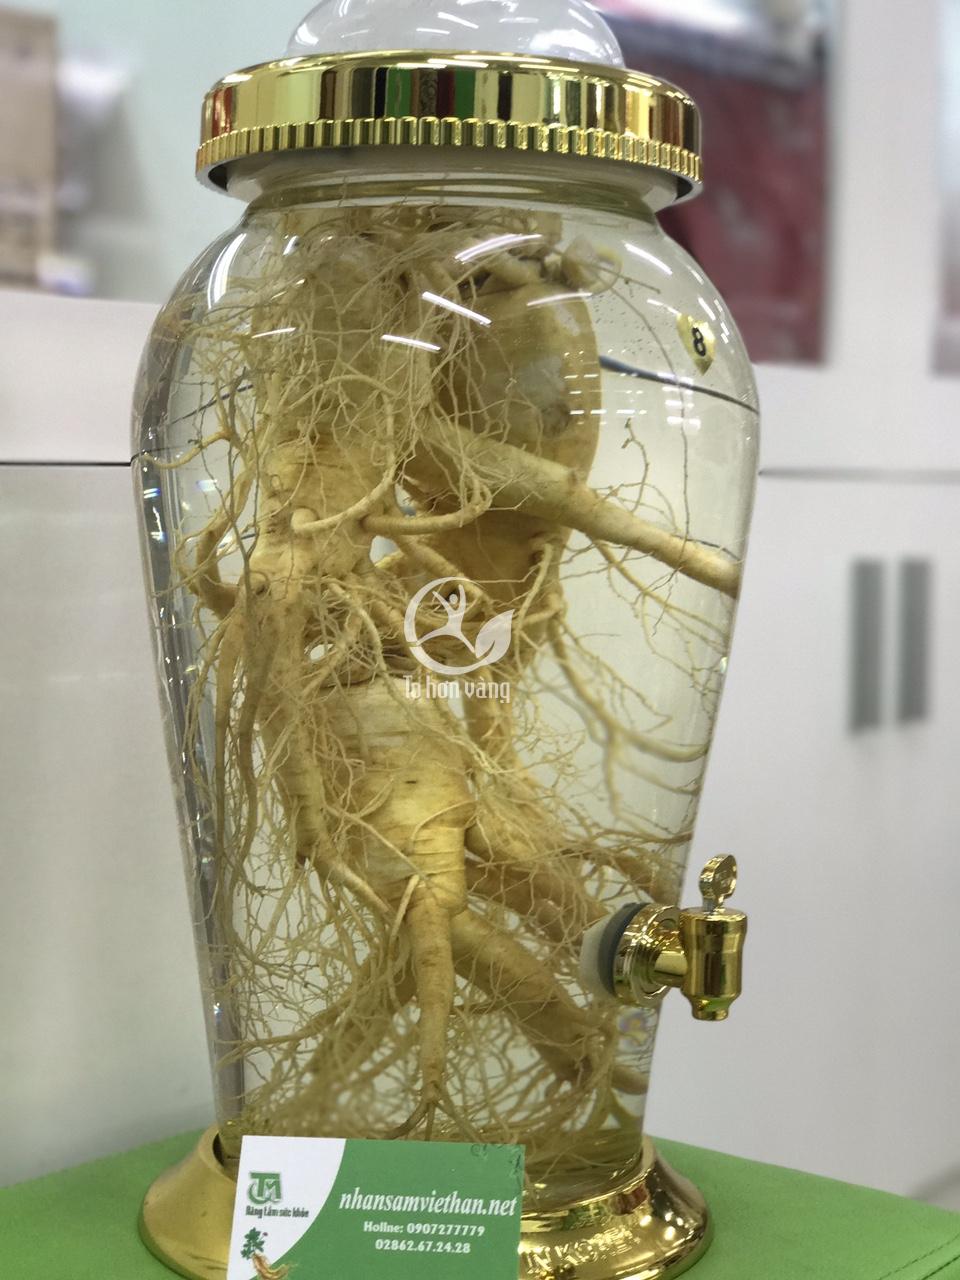 Đây là mẫu bình ngâm sâm thủy tinh có kiểu dáng rất sang trọng và được nhiều người lựa chọn